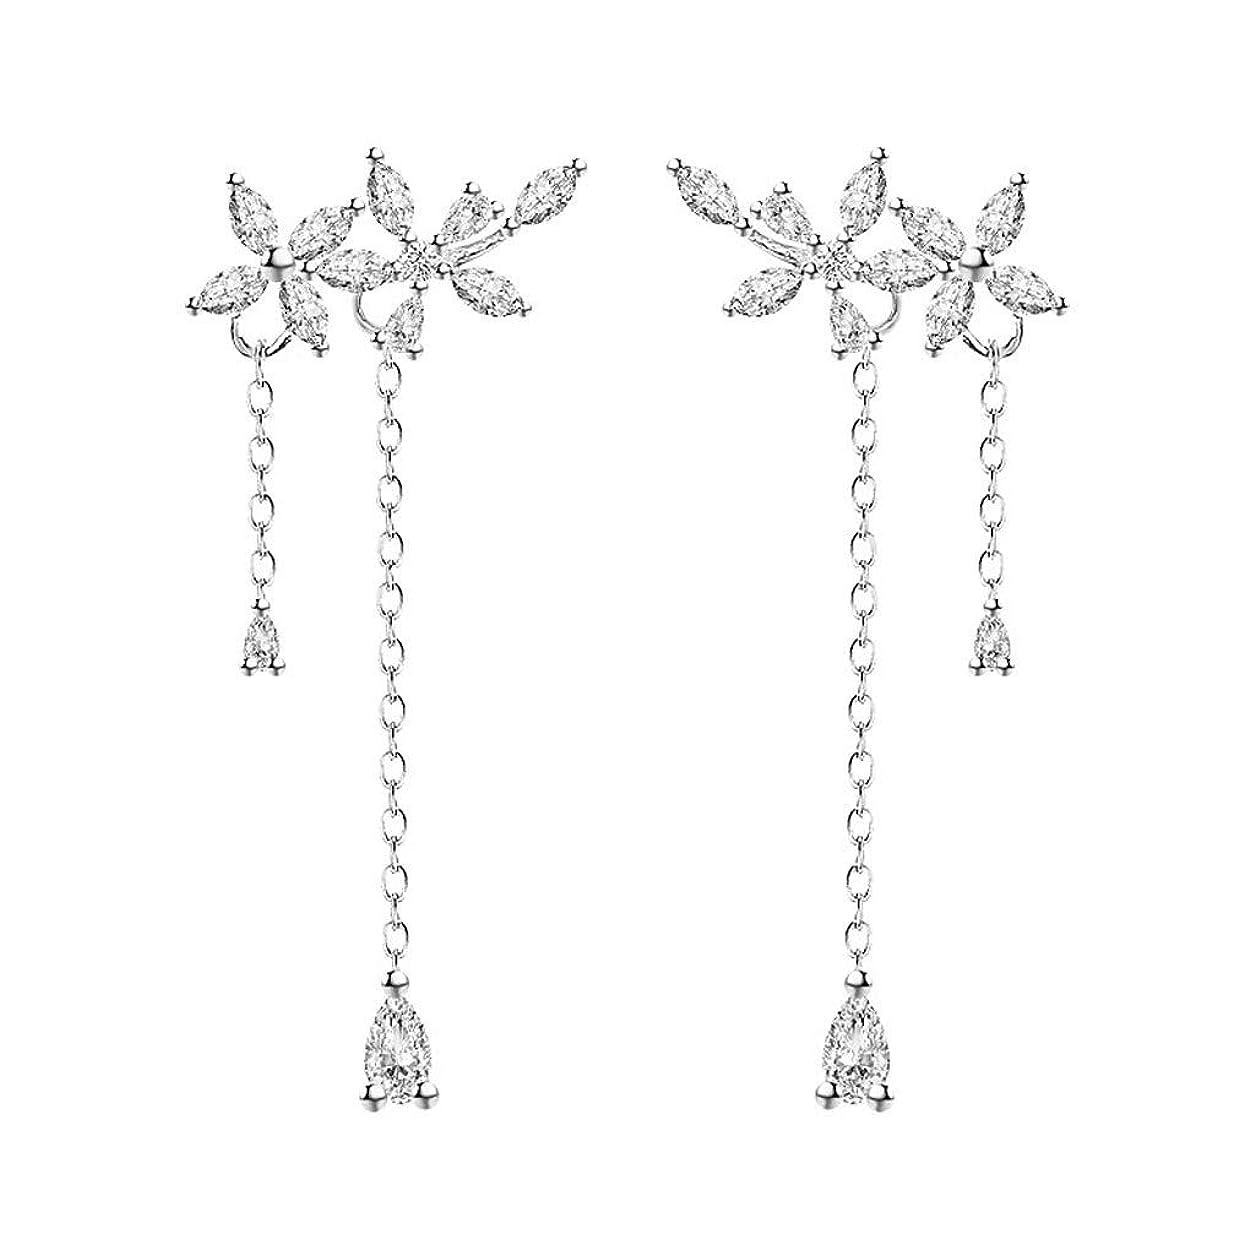 壁雑種支出Nicircle 葉ラップ女性のためのクローラー可憐な花タッセルチェーンイヤリング タッセル 花 イヤリング 気質 長いセクション 学生 ペンダント イヤリング Leaves Wrap Earrings Crawler for Women Dainty Flowers Tassel Chain Earrings